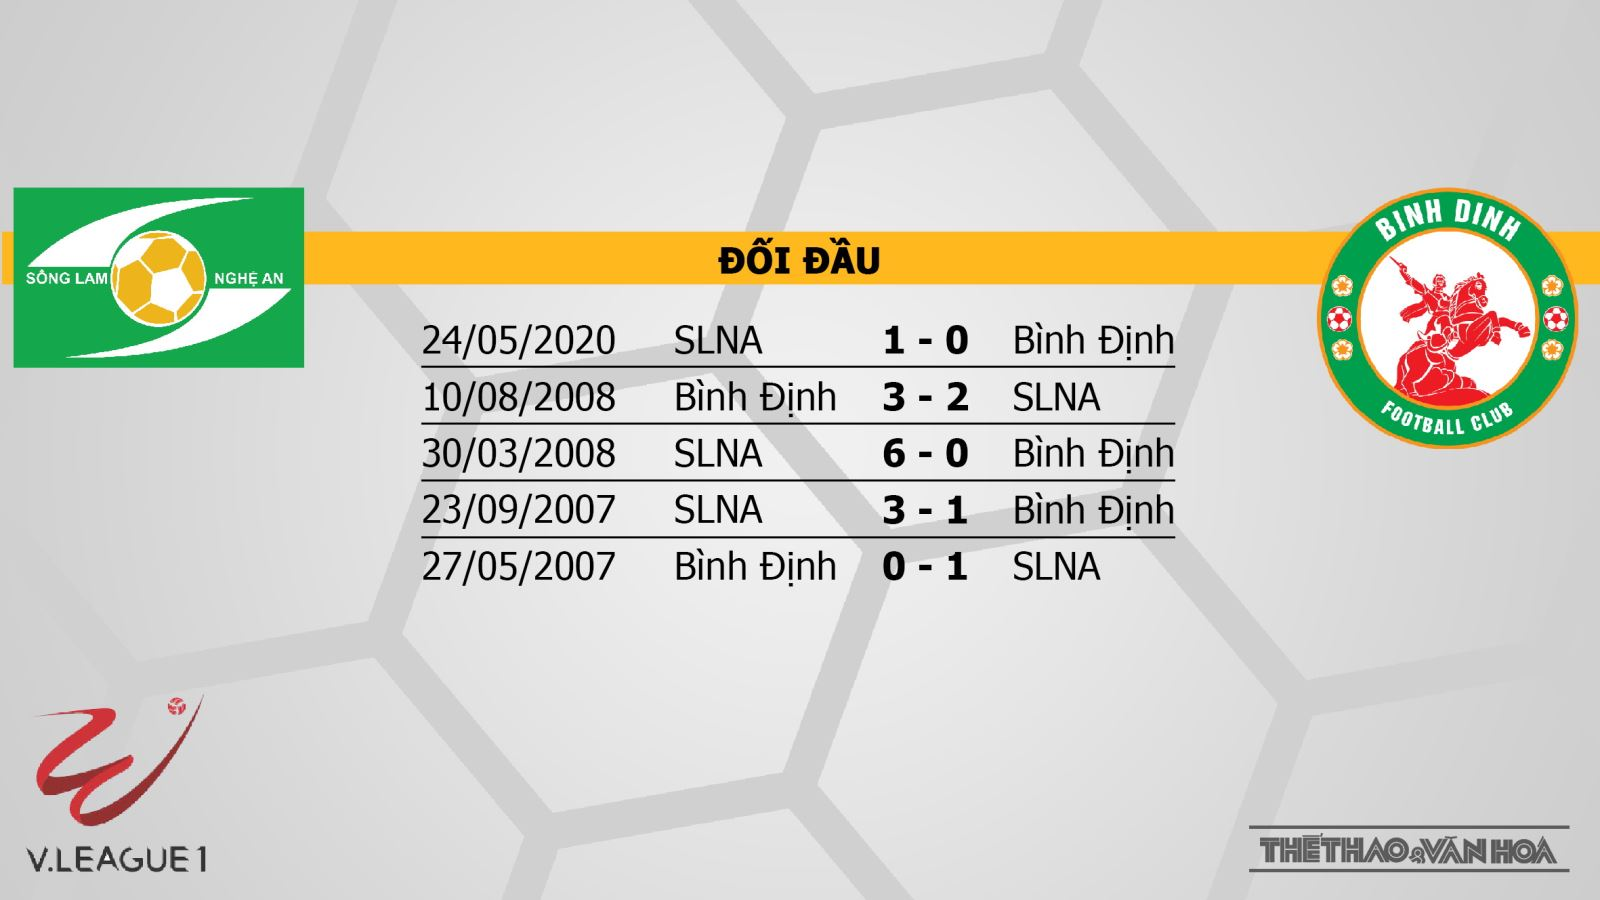 Keo nha cai, kèo nhà cái, SLNA vs Bình Định, VTC3, TTTV Trực tiếp bóng đá Việt Nam hôm nay, trực tiếp V-League 2021, lịch thi đấu V-League, bang xep hang V-League 2021